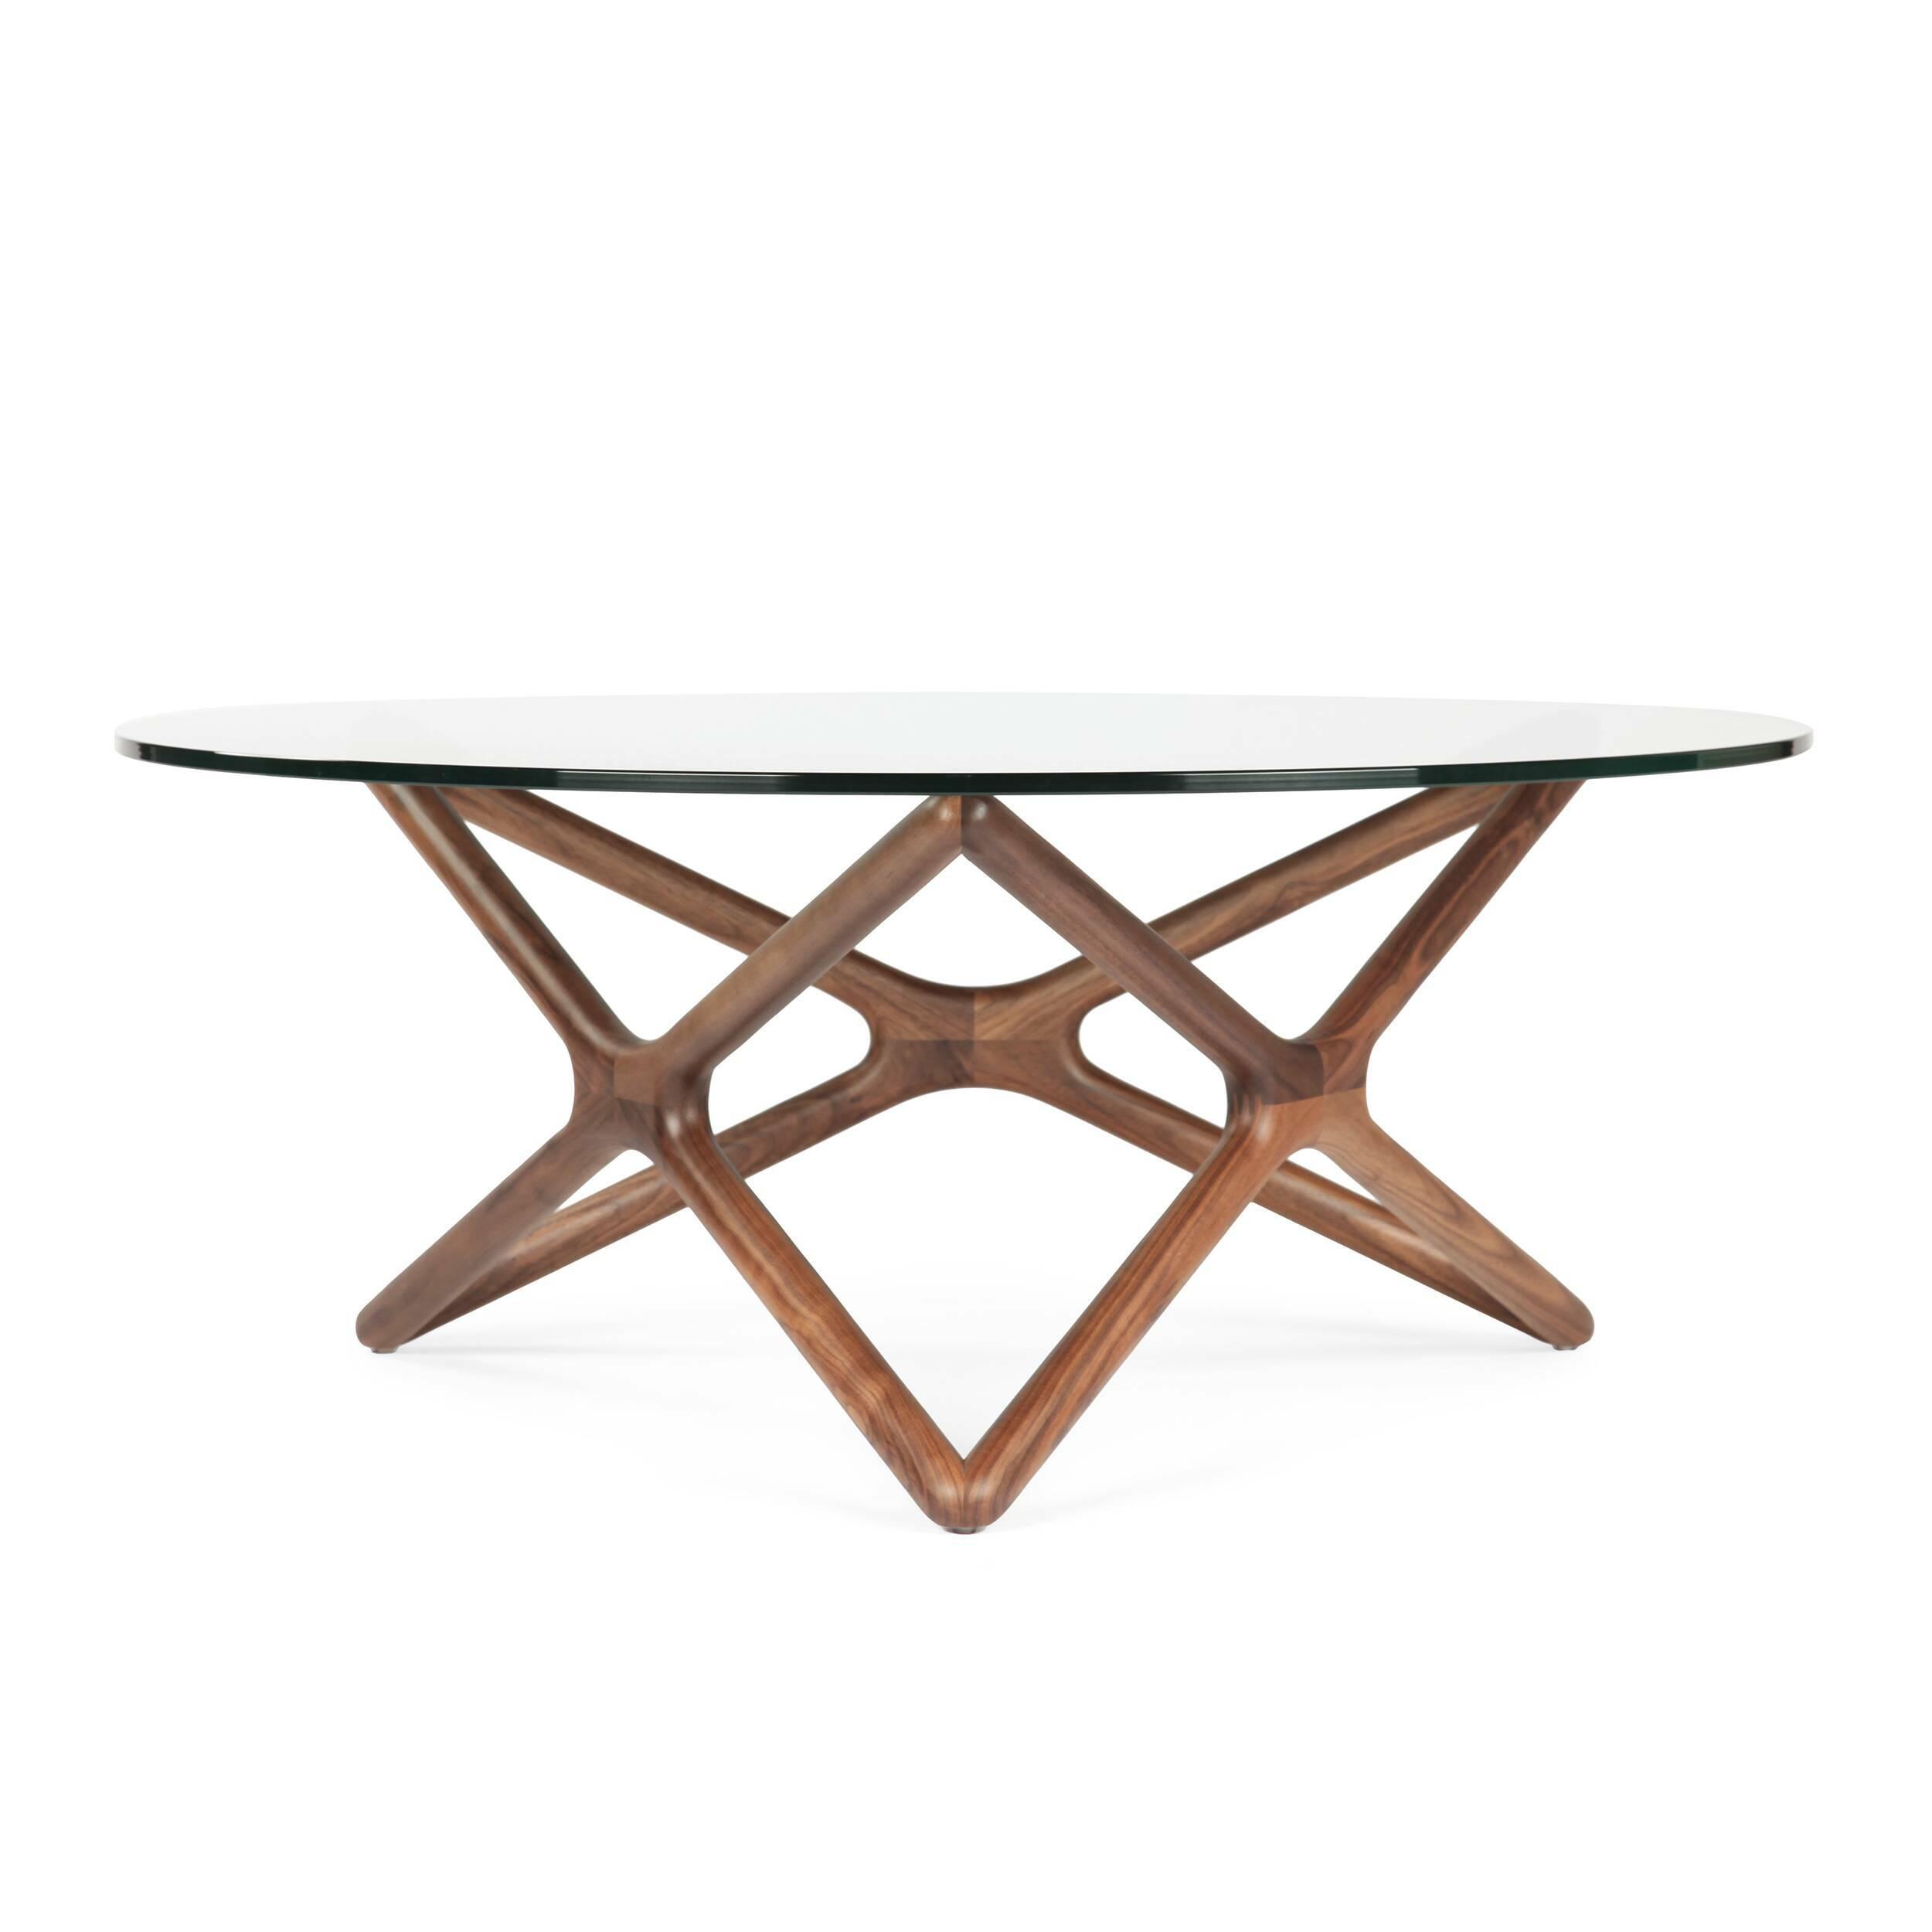 Кофейный стол Triple X высота 41Кофейные столики<br>Дизайнерский широкий кофейный стол Triple X (Трипл Икс) с высотой 41 см со стеклянной столешницей от Cosmo (Космо).<br><br><br><br> Необычная геометрия стола влюбляет в себя с первого взгляда. Кажется, будто живая лиана оплетает стеклянную столешницу. В названии читается особенность конструкции стола. С английского Triple X — «три икс». Схема конструкции будто составлена из трех английских букв X, циклично соединенных между собой. Сверху же ножки выглядят как пятиконечная звезда. Если смотреть на с...<br><br>stock: 5<br>Высота: 41,2<br>Диаметр: 100<br>Цвет ножек: Орех американский<br>Цвет столешницы: Прозрачный<br>Материал ножек: Массив ореха<br>Тип материала столешницы: Стекло закаленное<br>Тип материала ножек: Дерево